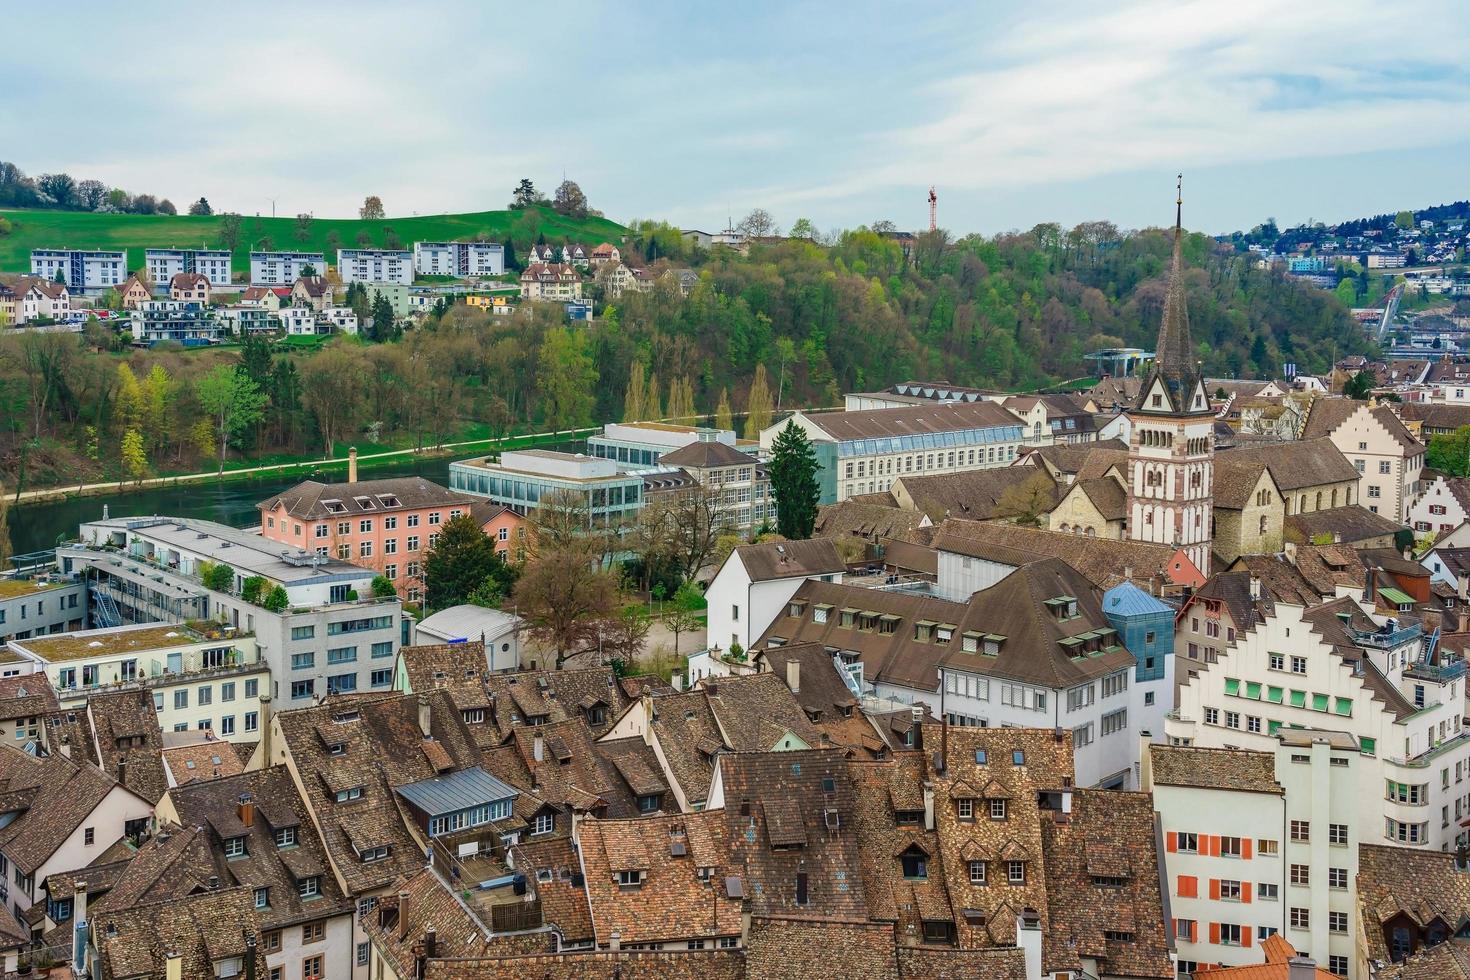 vista panoramica della città vecchia di Sciaffusa, Svizzera foto